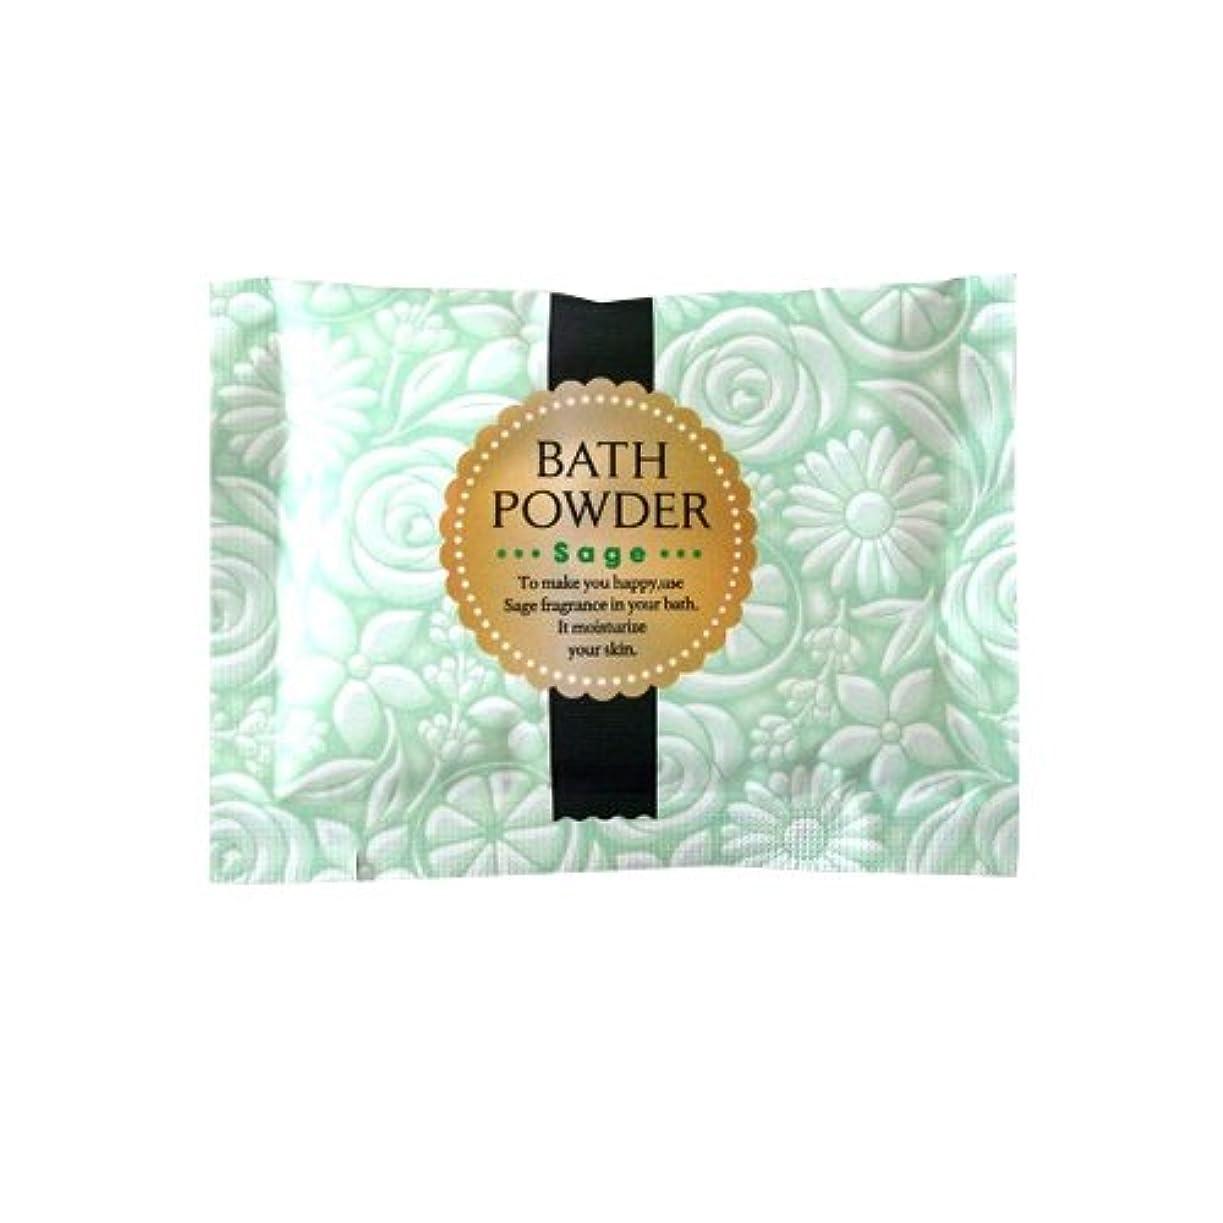 気をつけてスープトライアスロン入浴剤 LUCKY BATH (ラッキーバス) 25g セージの香り